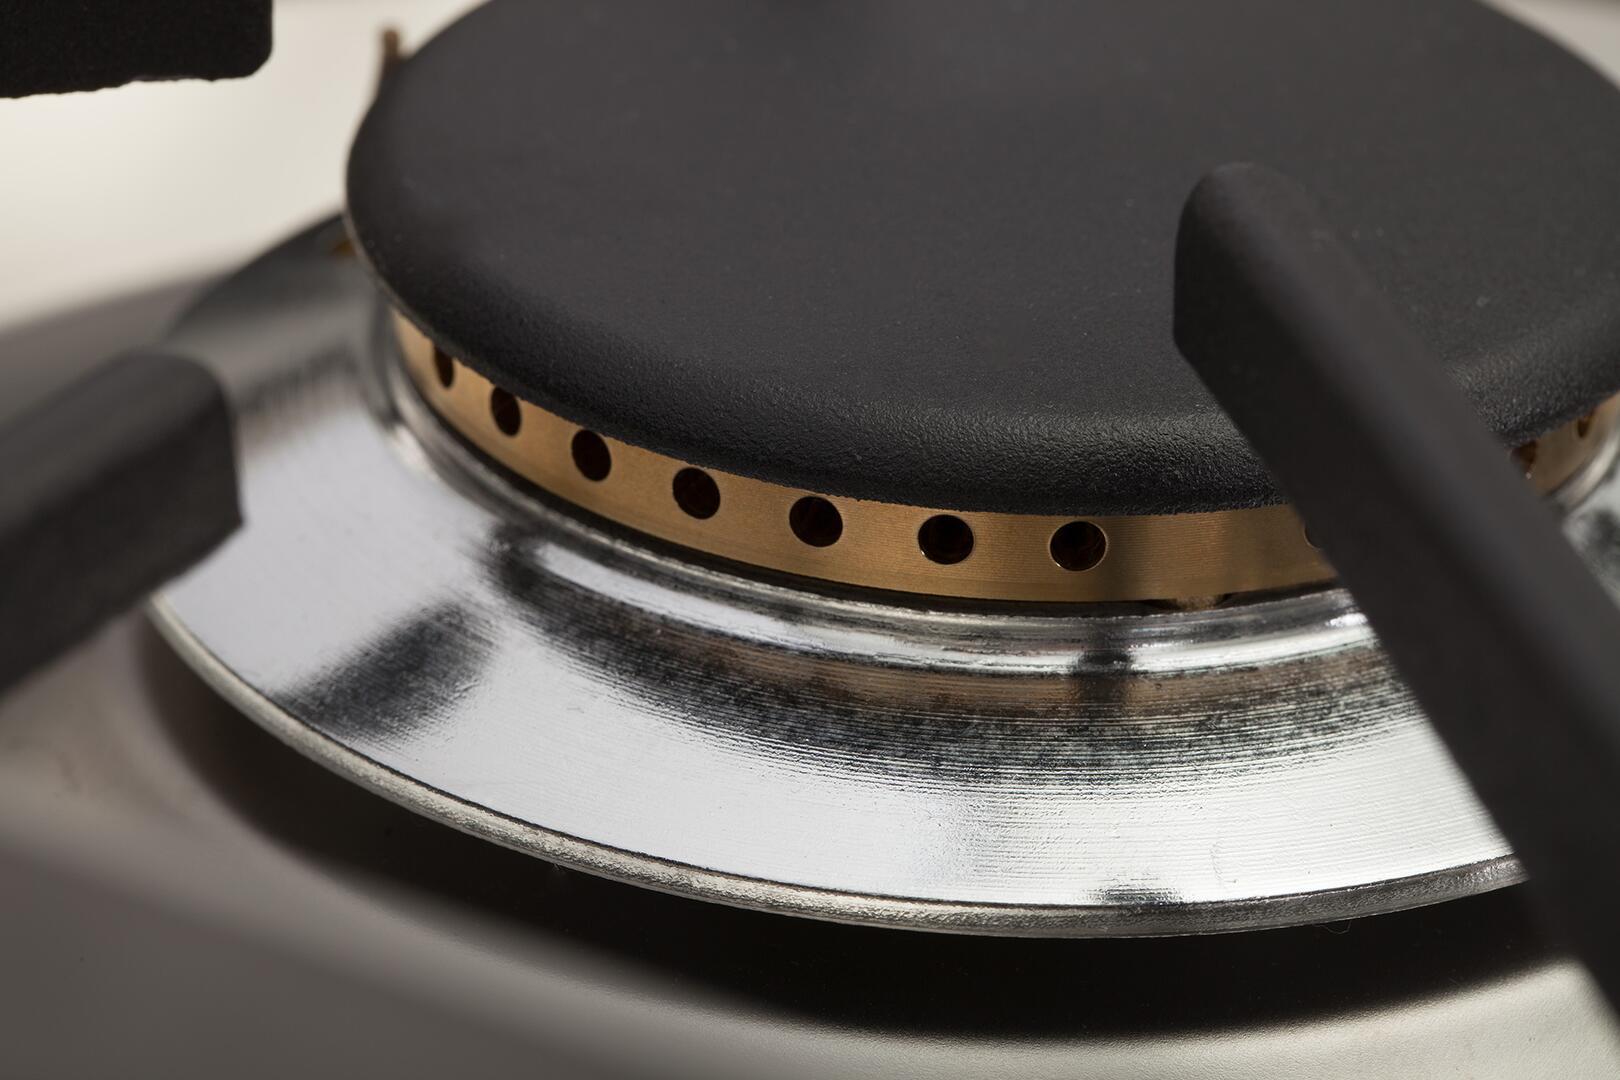 Ilve Professional Plus UPDW1006DMPN Freestanding Dual Fuel Range Black, 7